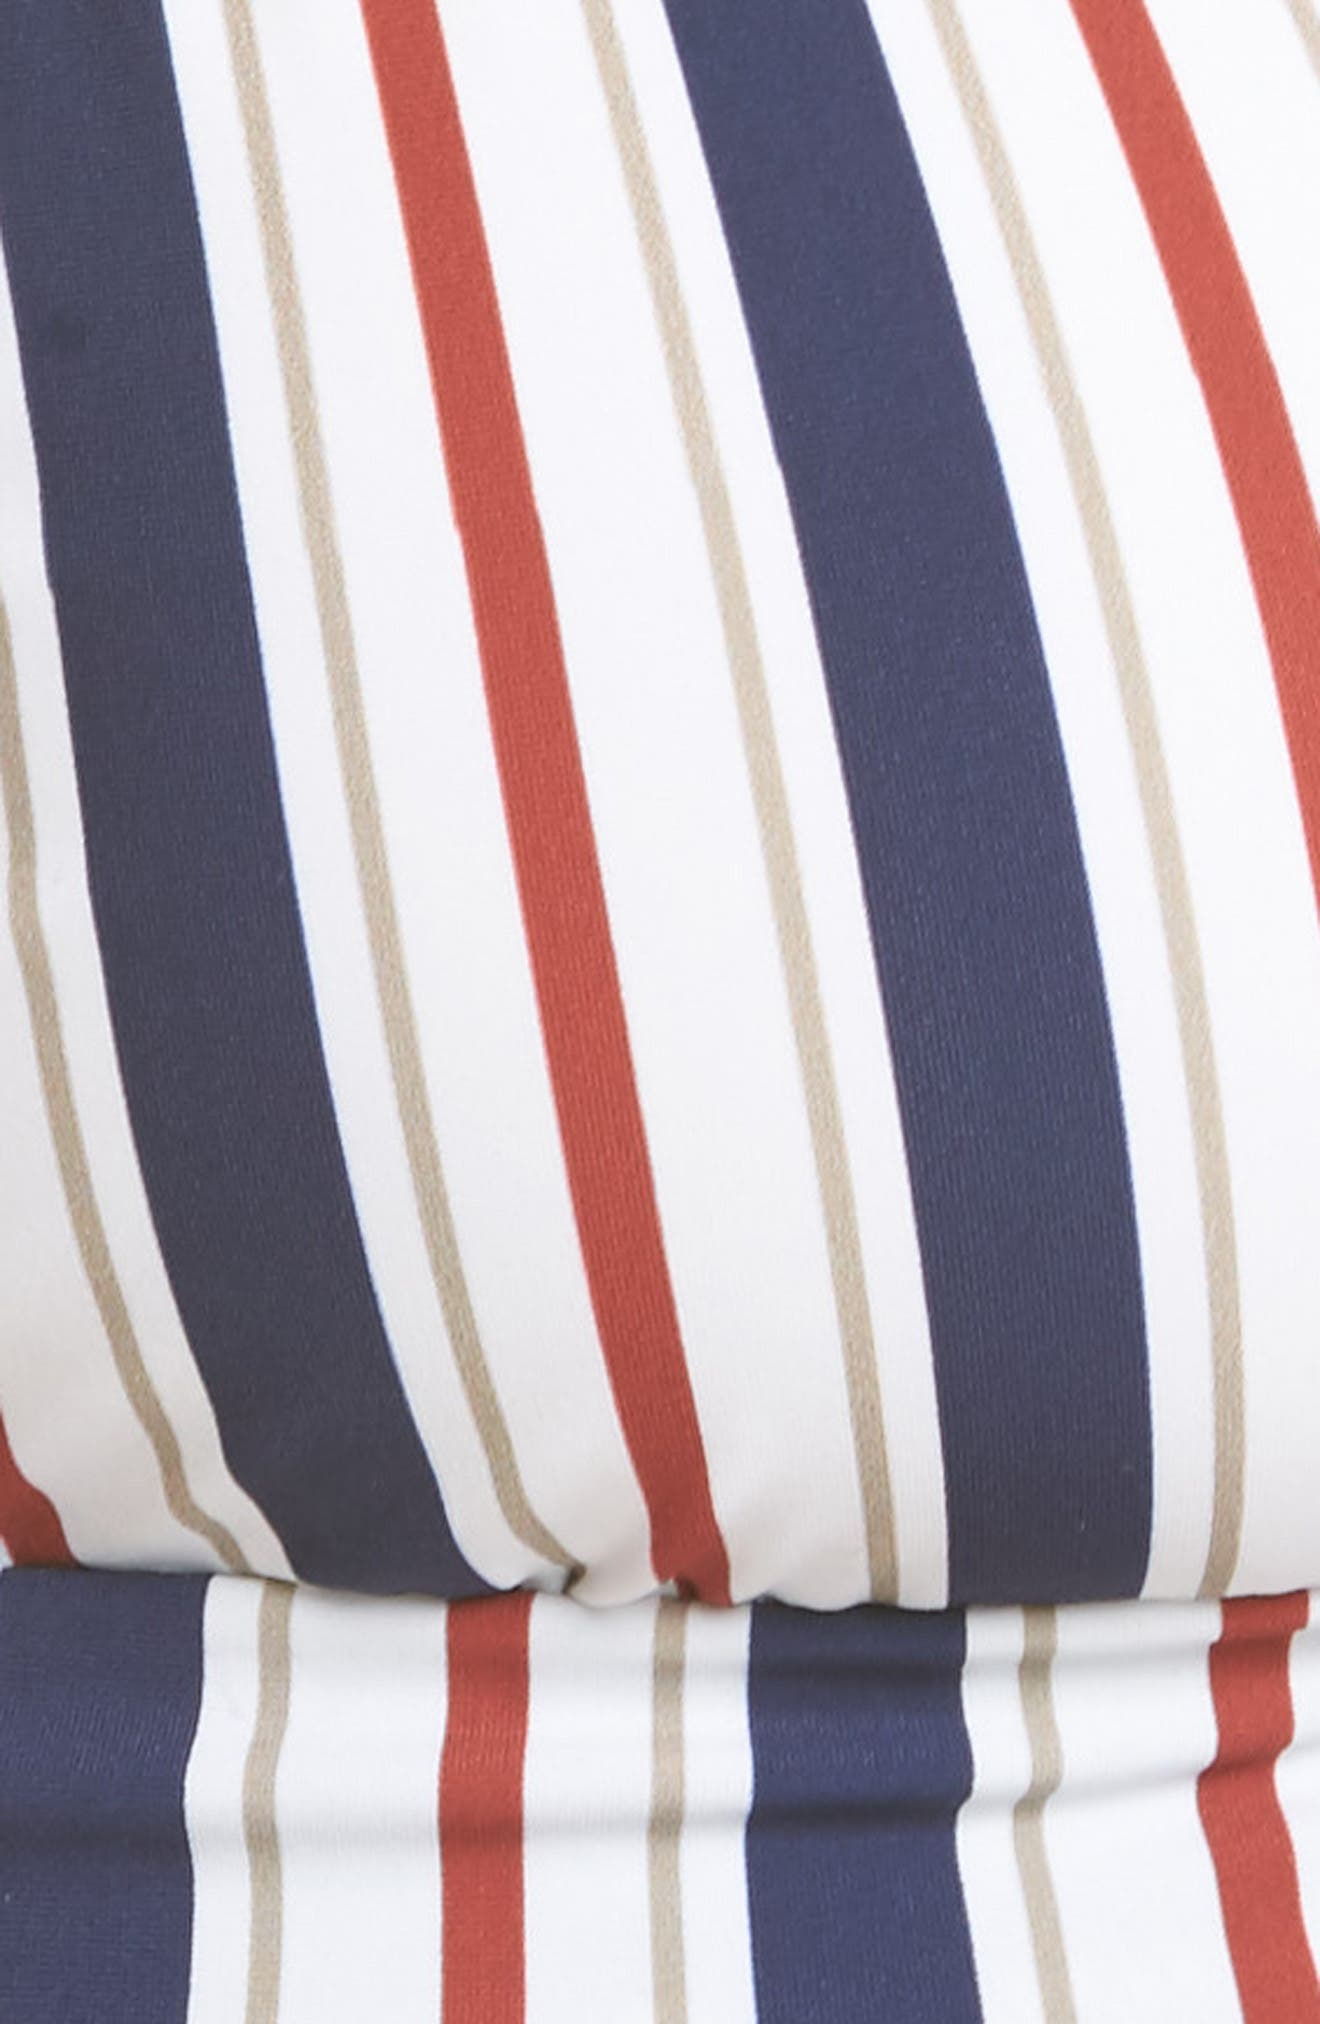 Better Than Ever Bikini Top,                             Alternate thumbnail 6, color,                             Navy Multi